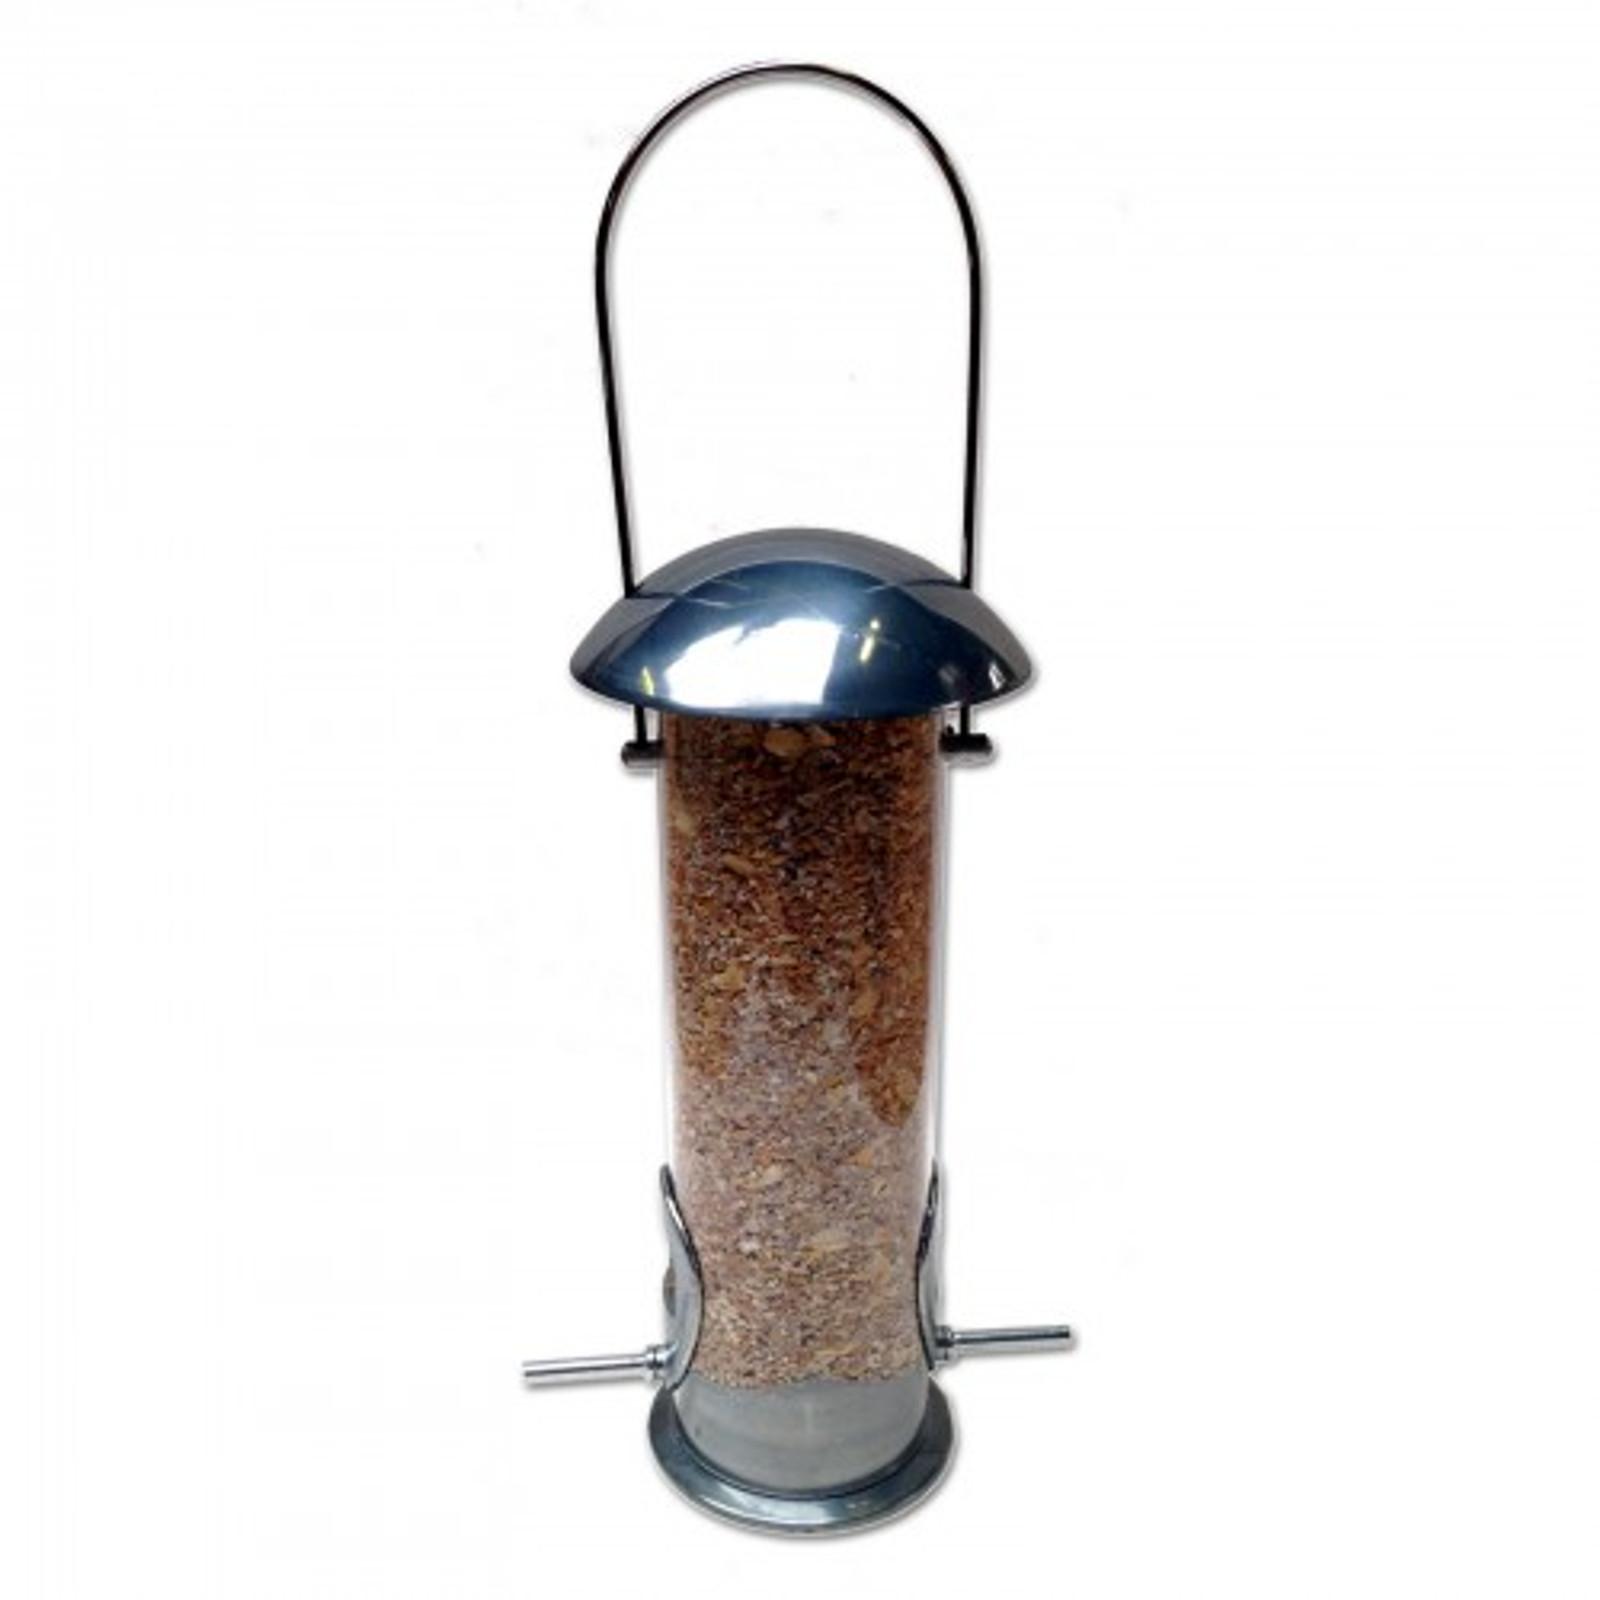 Futterspender für Samen, Futtermischungen, Erdnussbruch, Sonnenblumenkerne aus poliertem Aluminiumguss – Bild 3